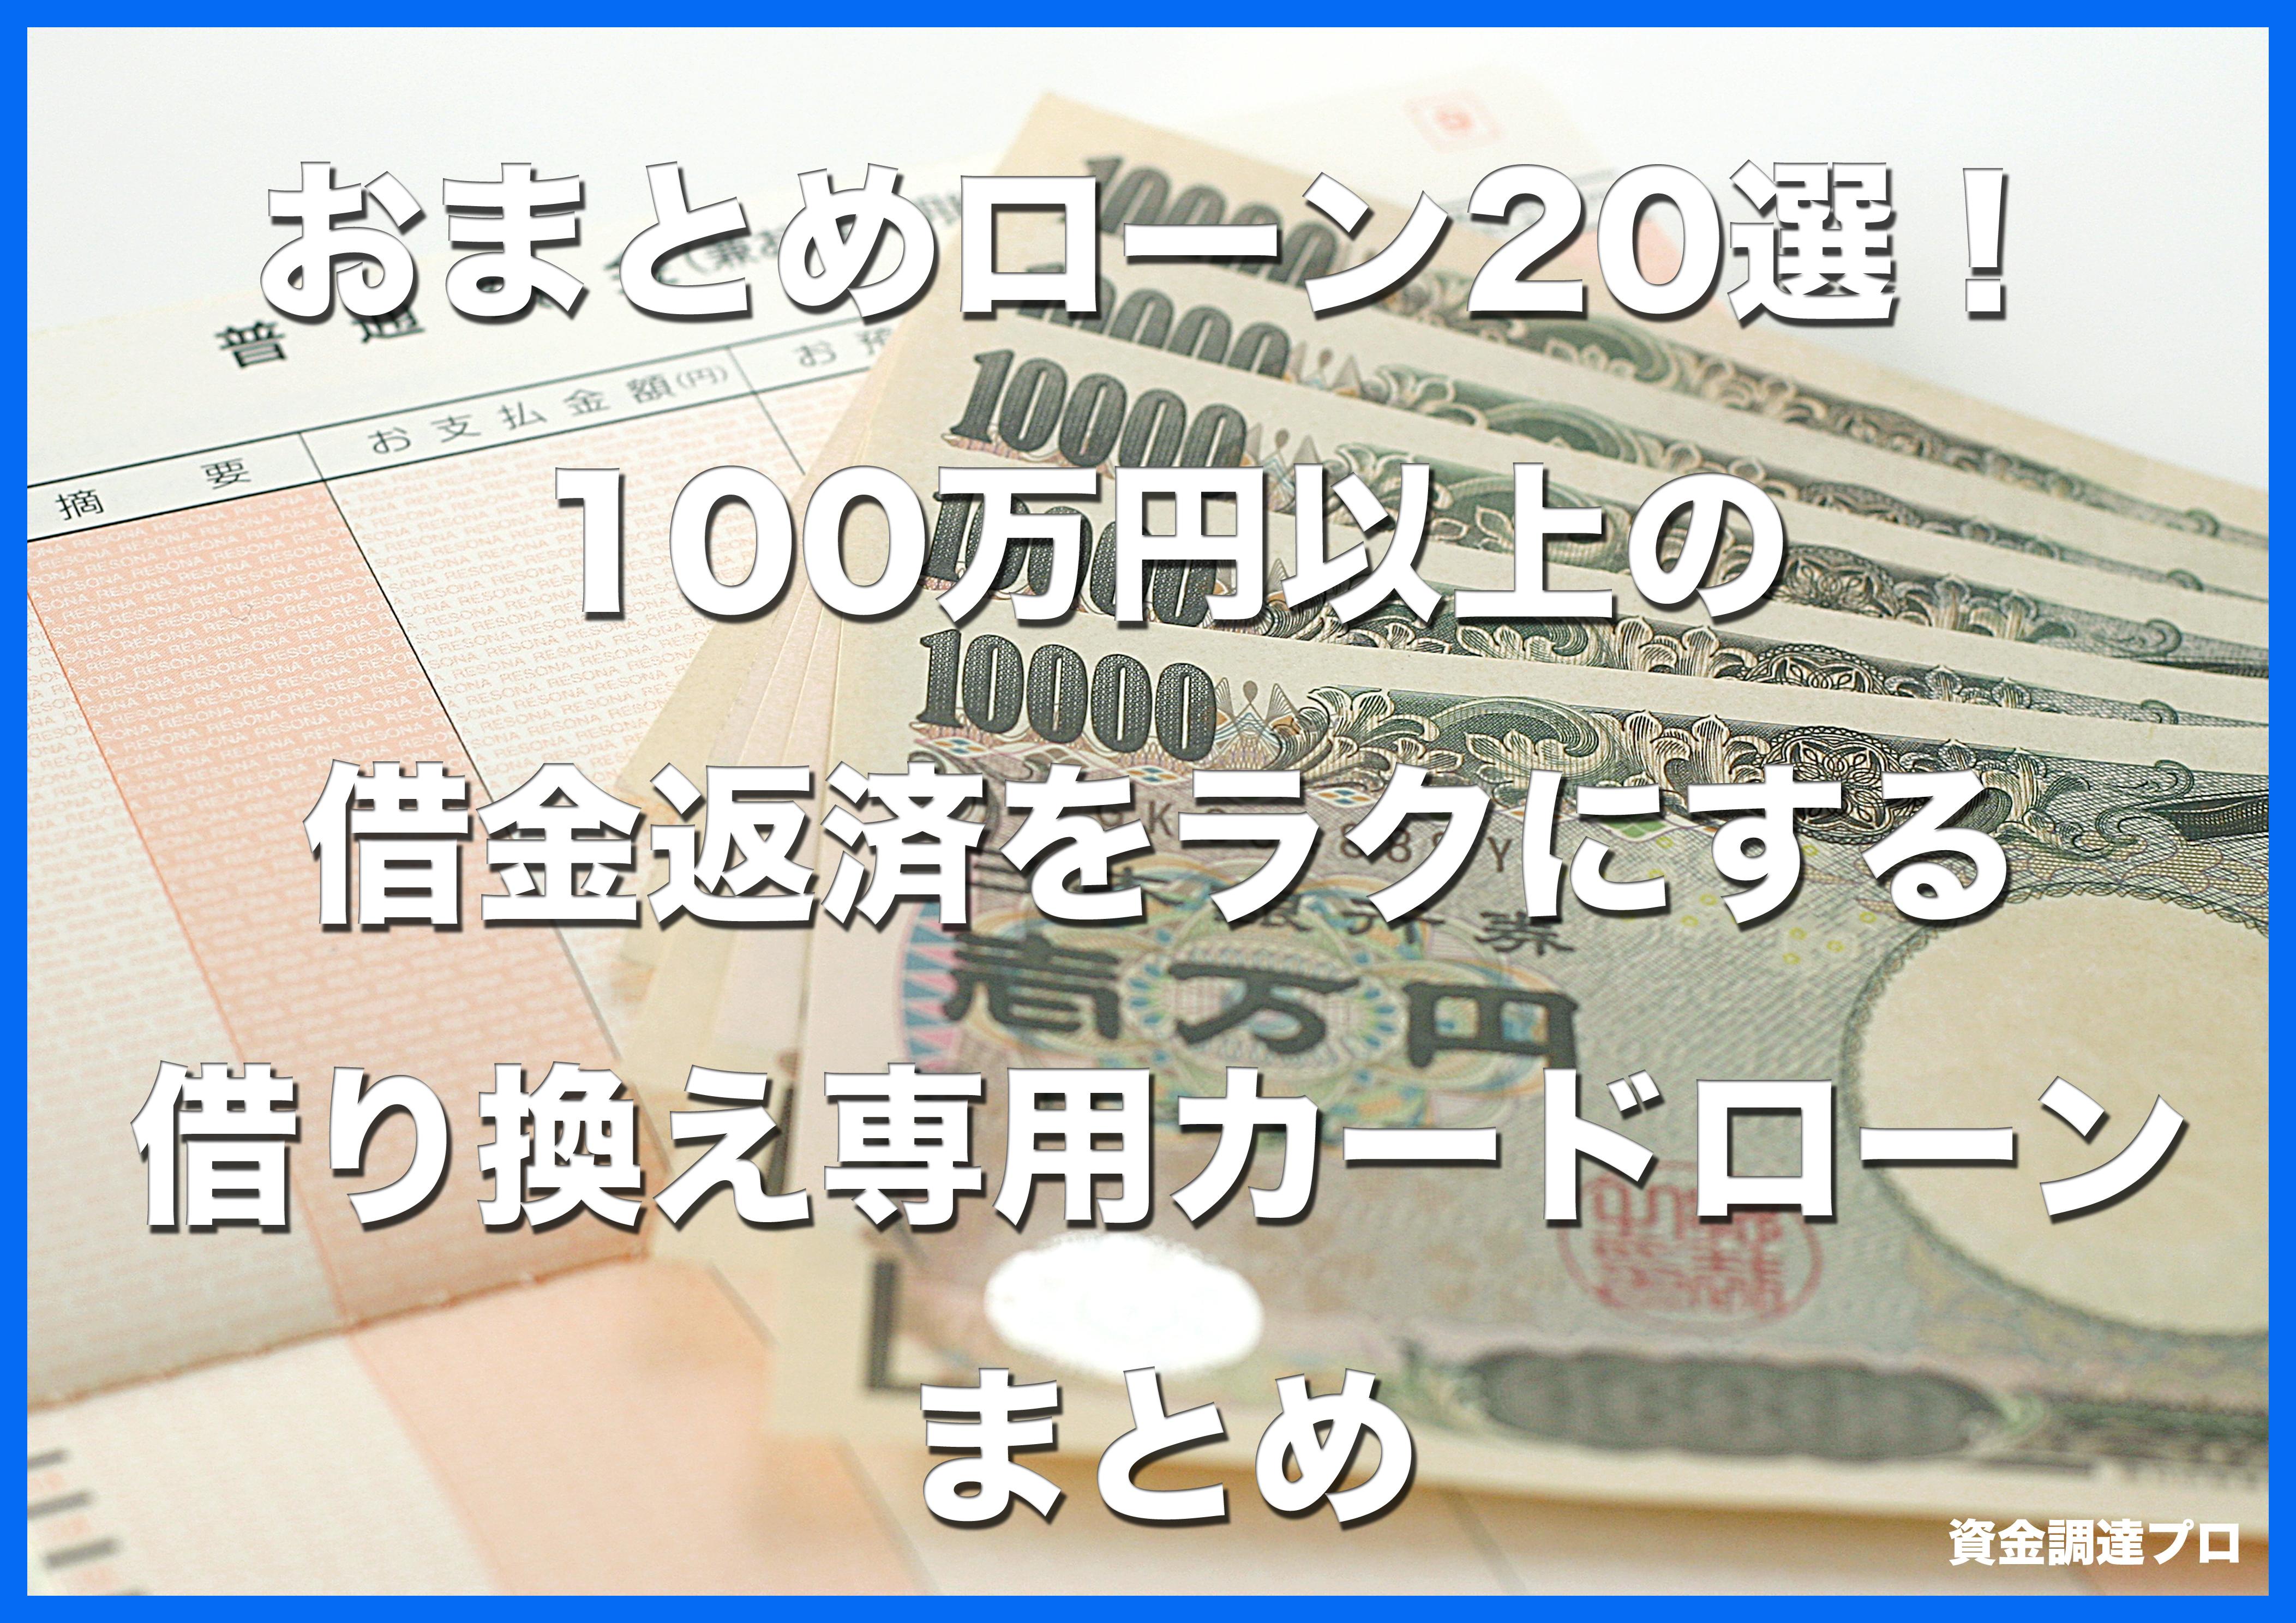 おまとめローン20選!100万円以上の借金返済をラクにする借り換え専用カードローンまとめ